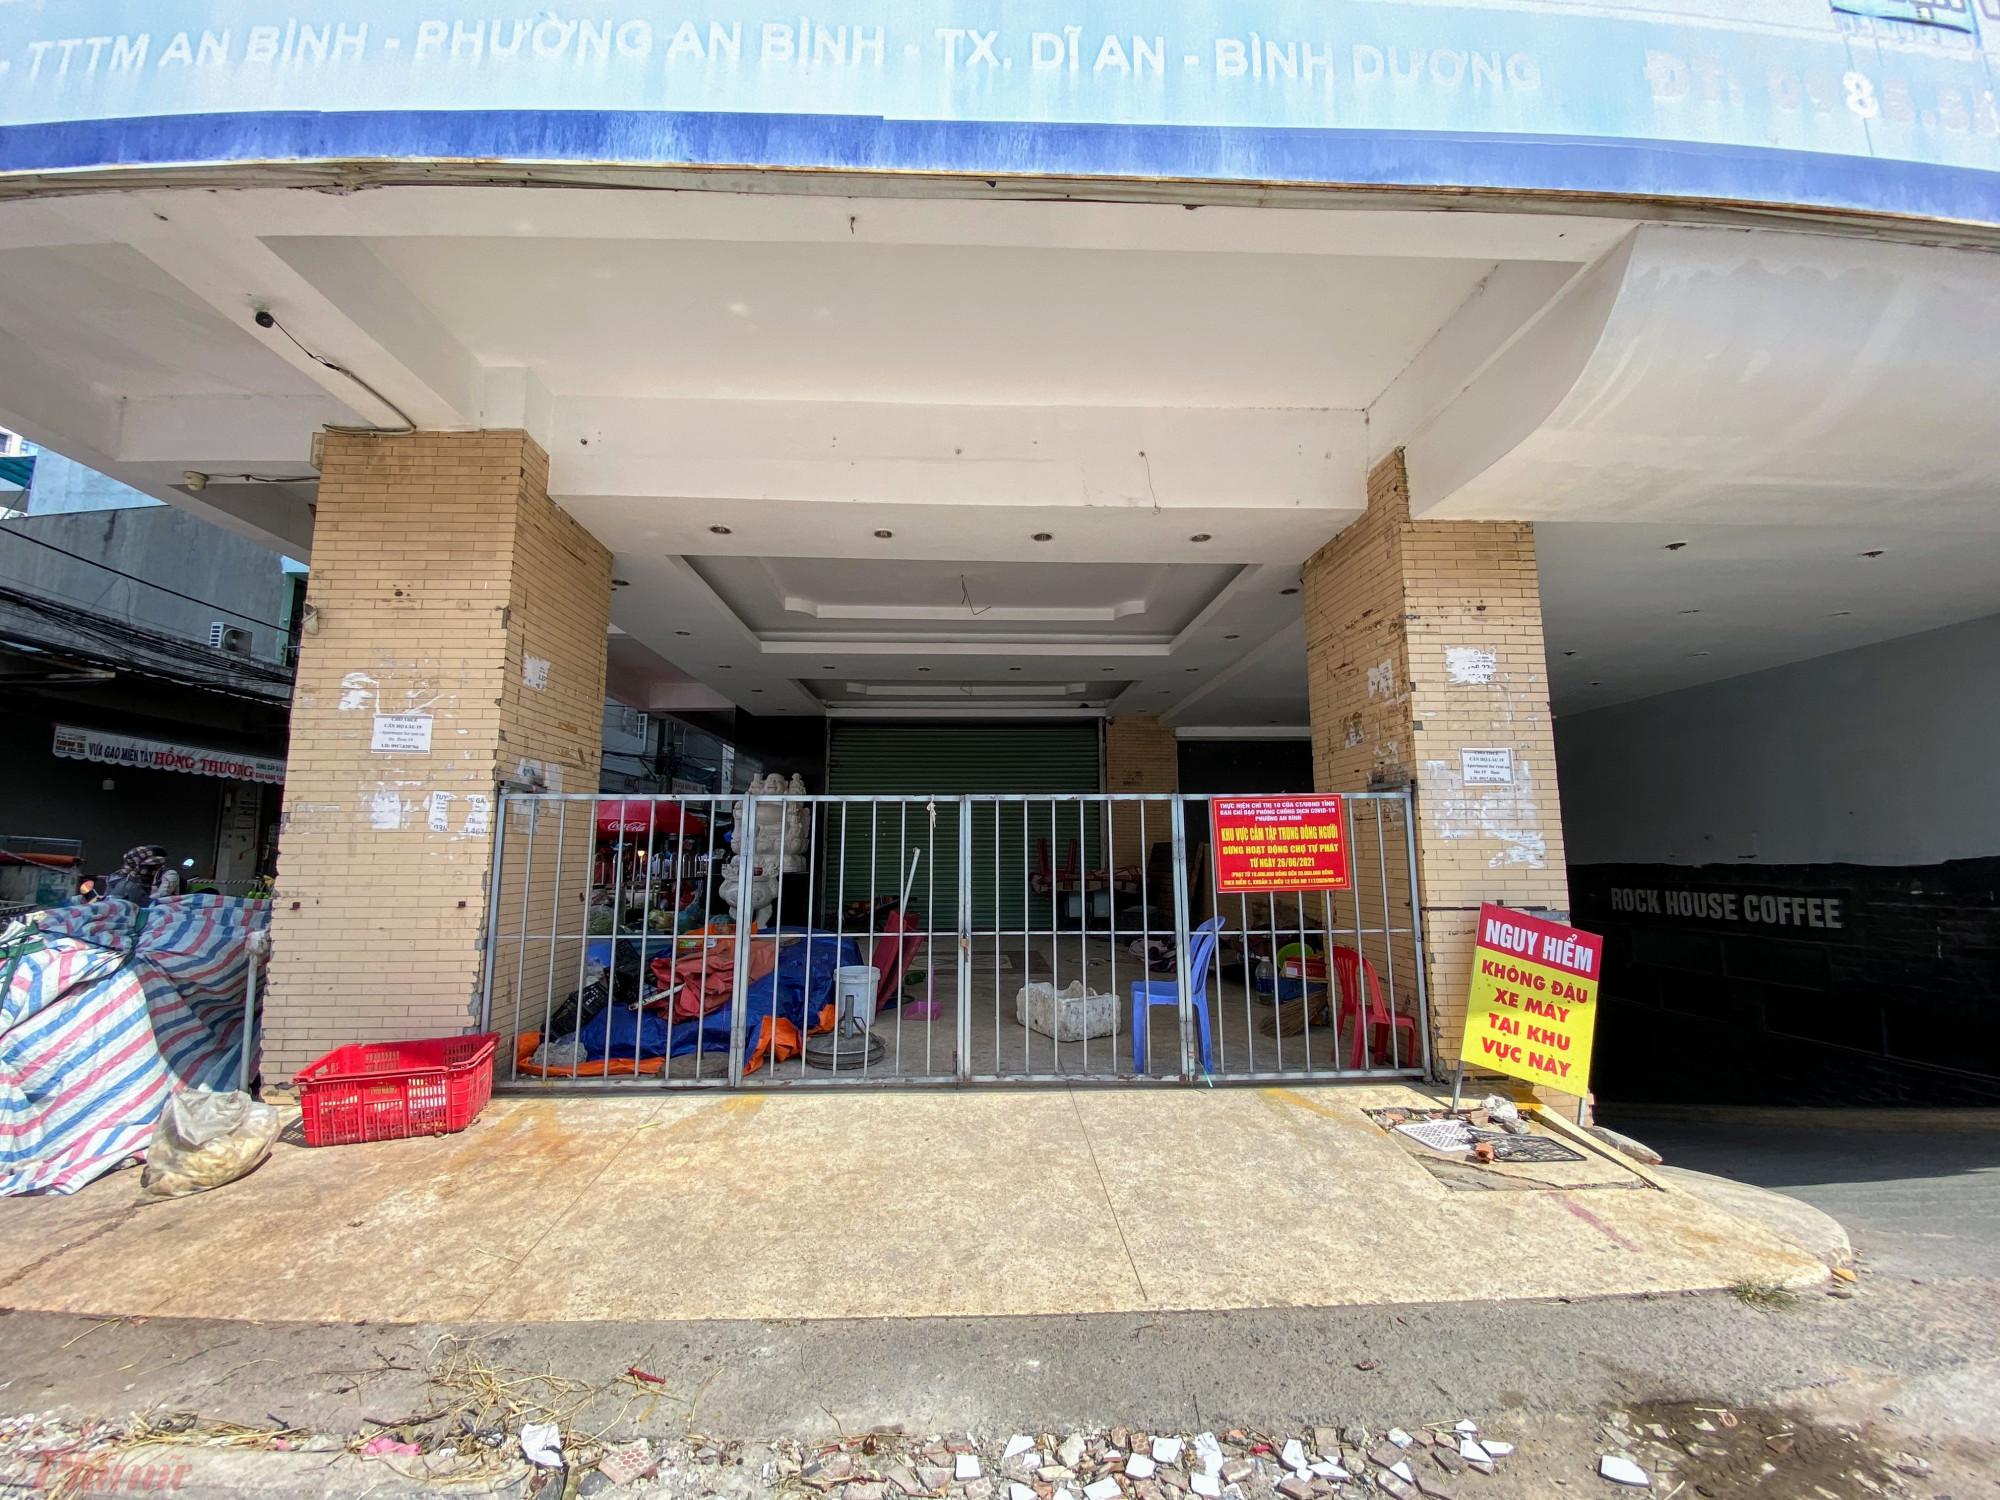 Phía trước chung cư, nhiều điểm bán hàng, cửa hàng không thiết yếu treo biển ngưng kinh doanh vì dịch.